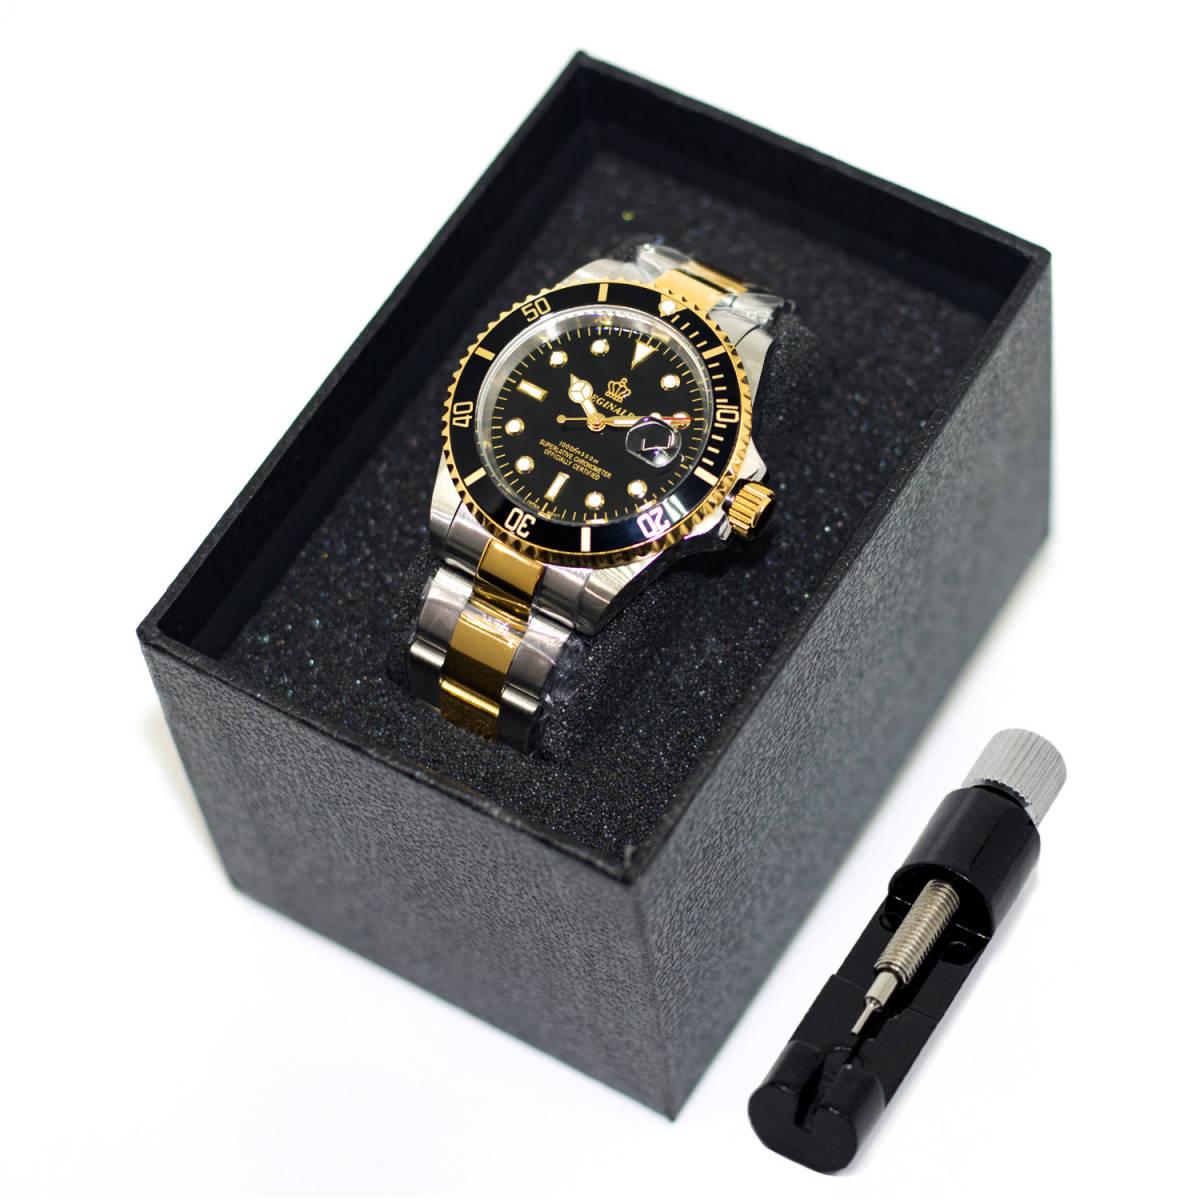 高品質 ダイバーウォッチ 腕時計 メンズ 人気トップブランド ROLEX風 サブ マリーナ ステンレス 300M防水性サファイア 共箱 国内発送即_画像8